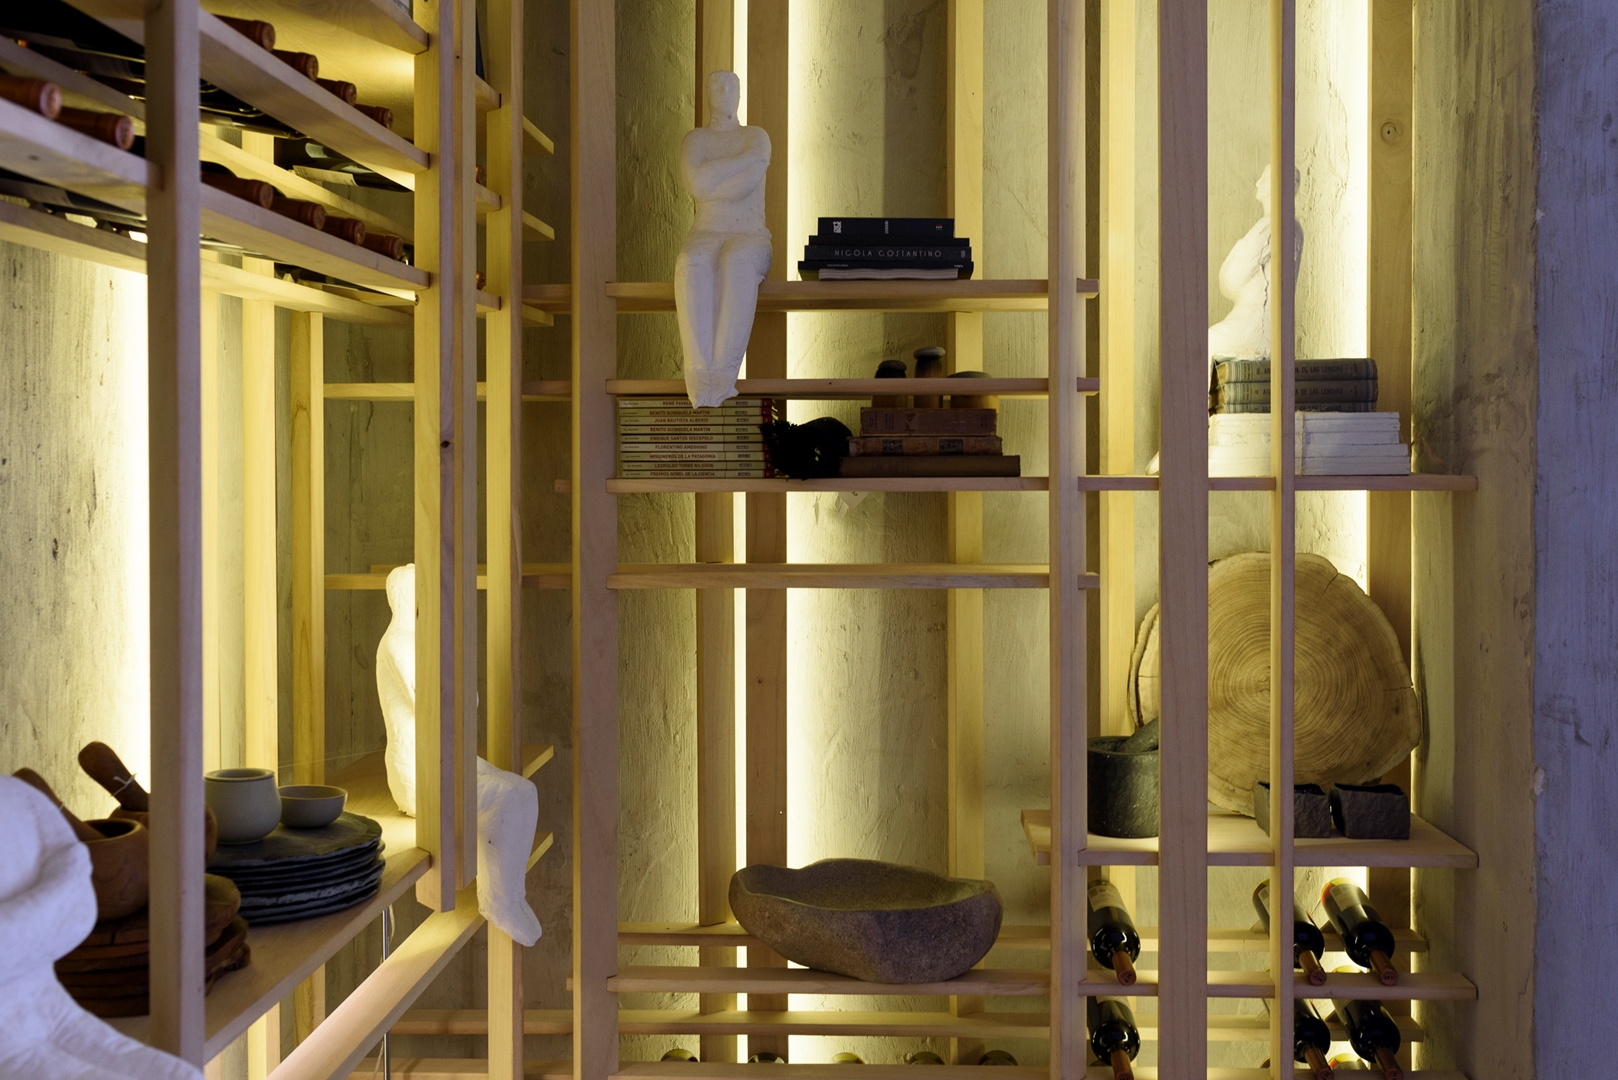 Revista Estilo Propio Arquitectura Y Dise O Arte Y Decoracion # Muebles Casa Foa